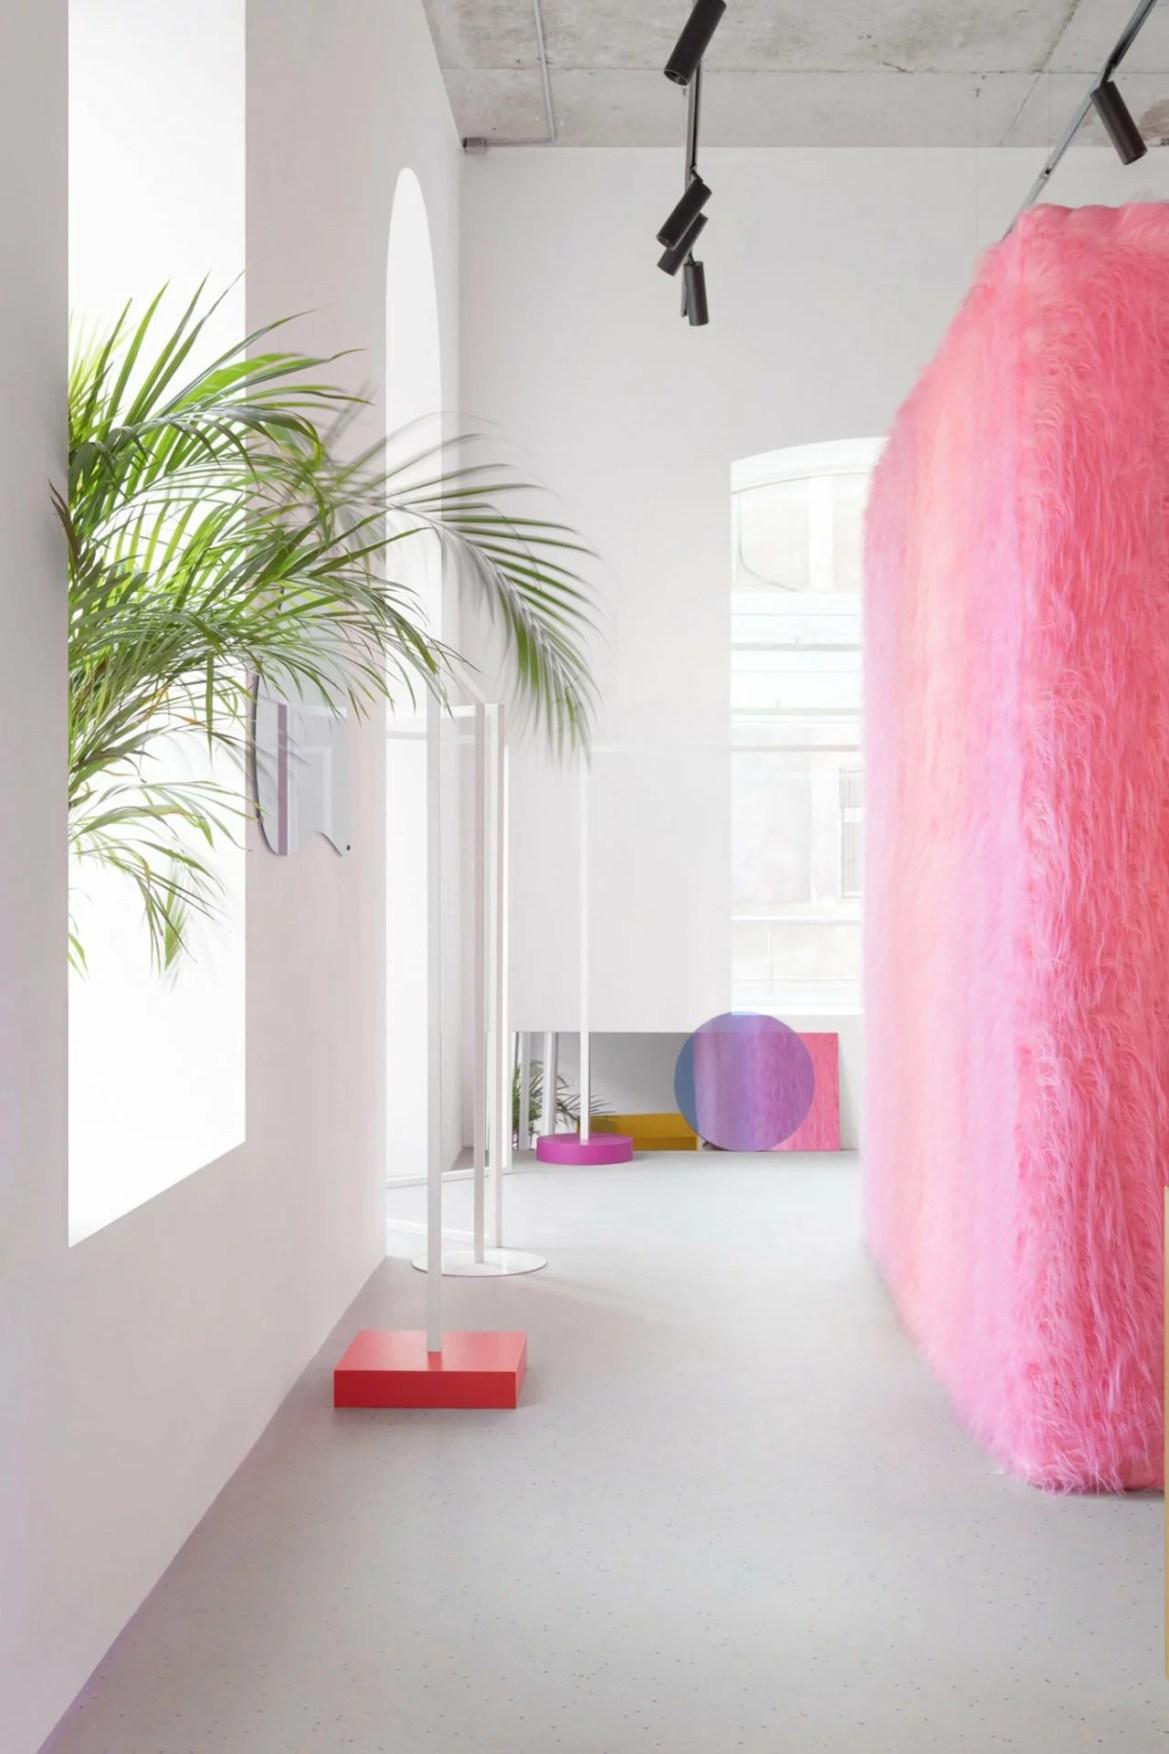 L'actualité de la semaine du 26 février 2018 et les dernières découvertes en matière de design et d'architecture d'intérieur à l'international.